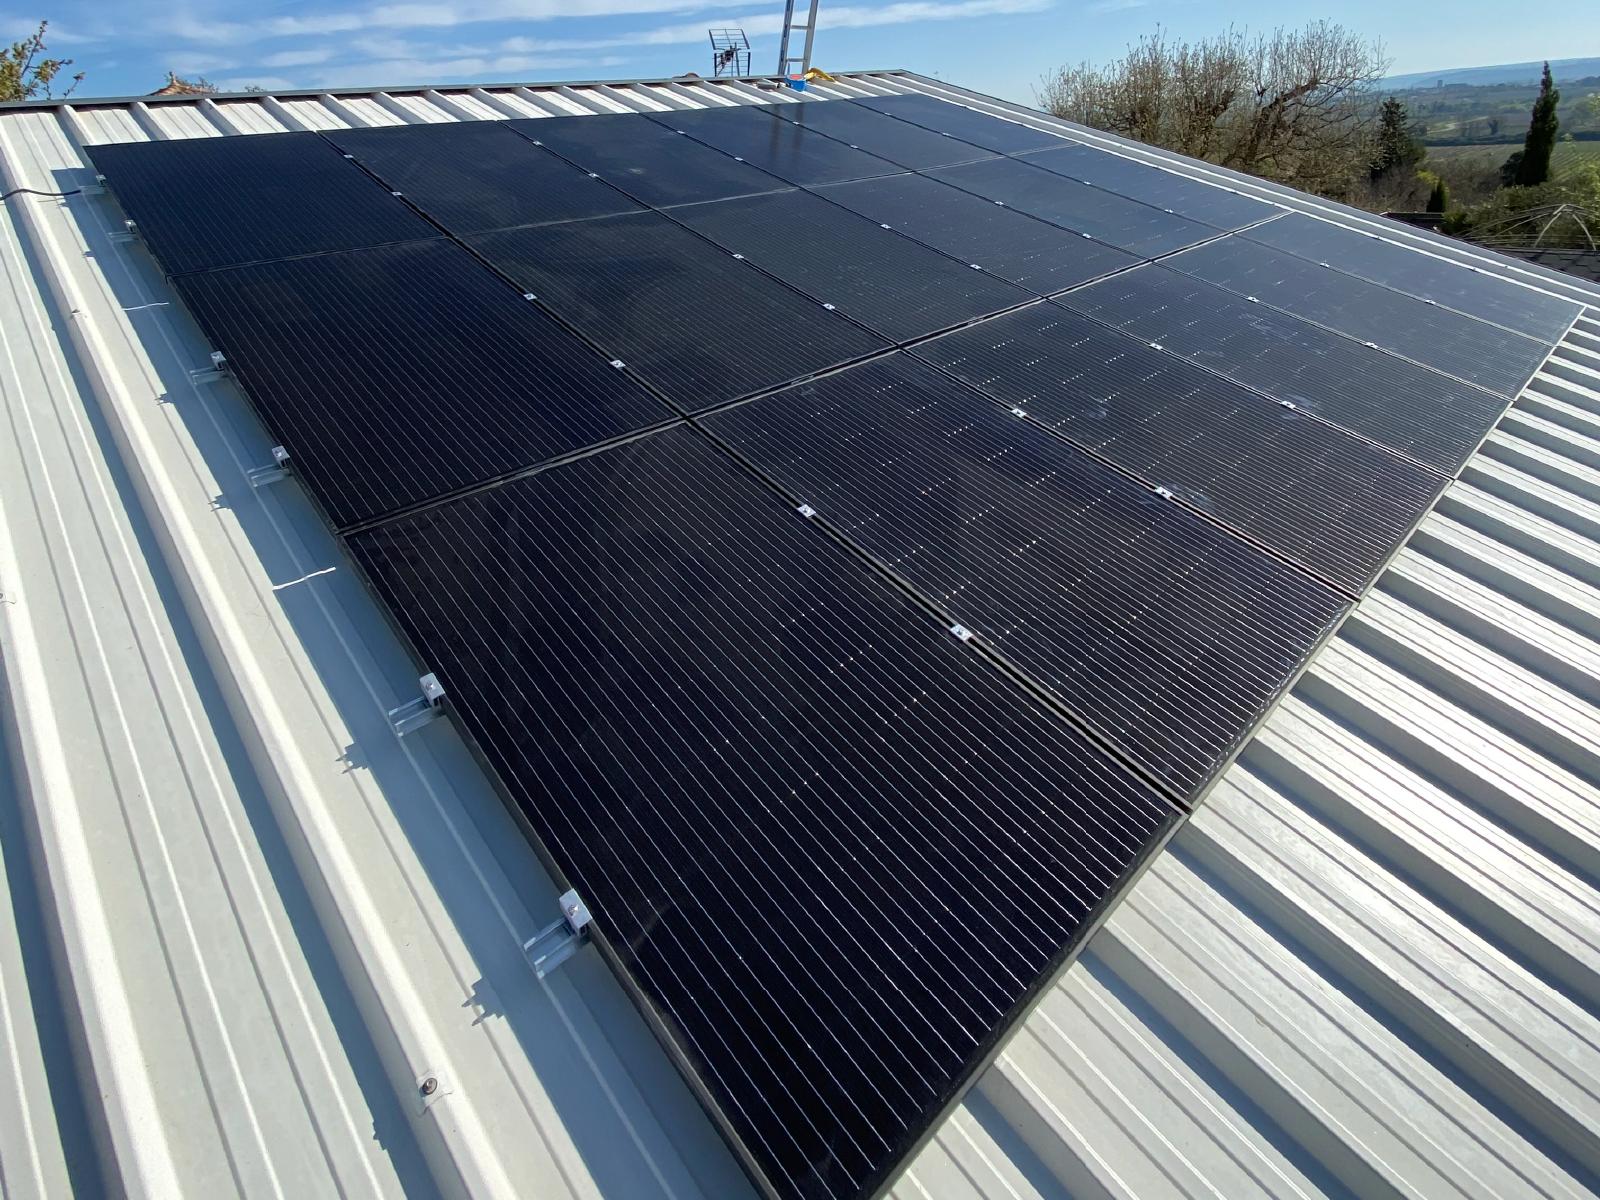 pose-panneaux-photovoltaïque-économie-énergie